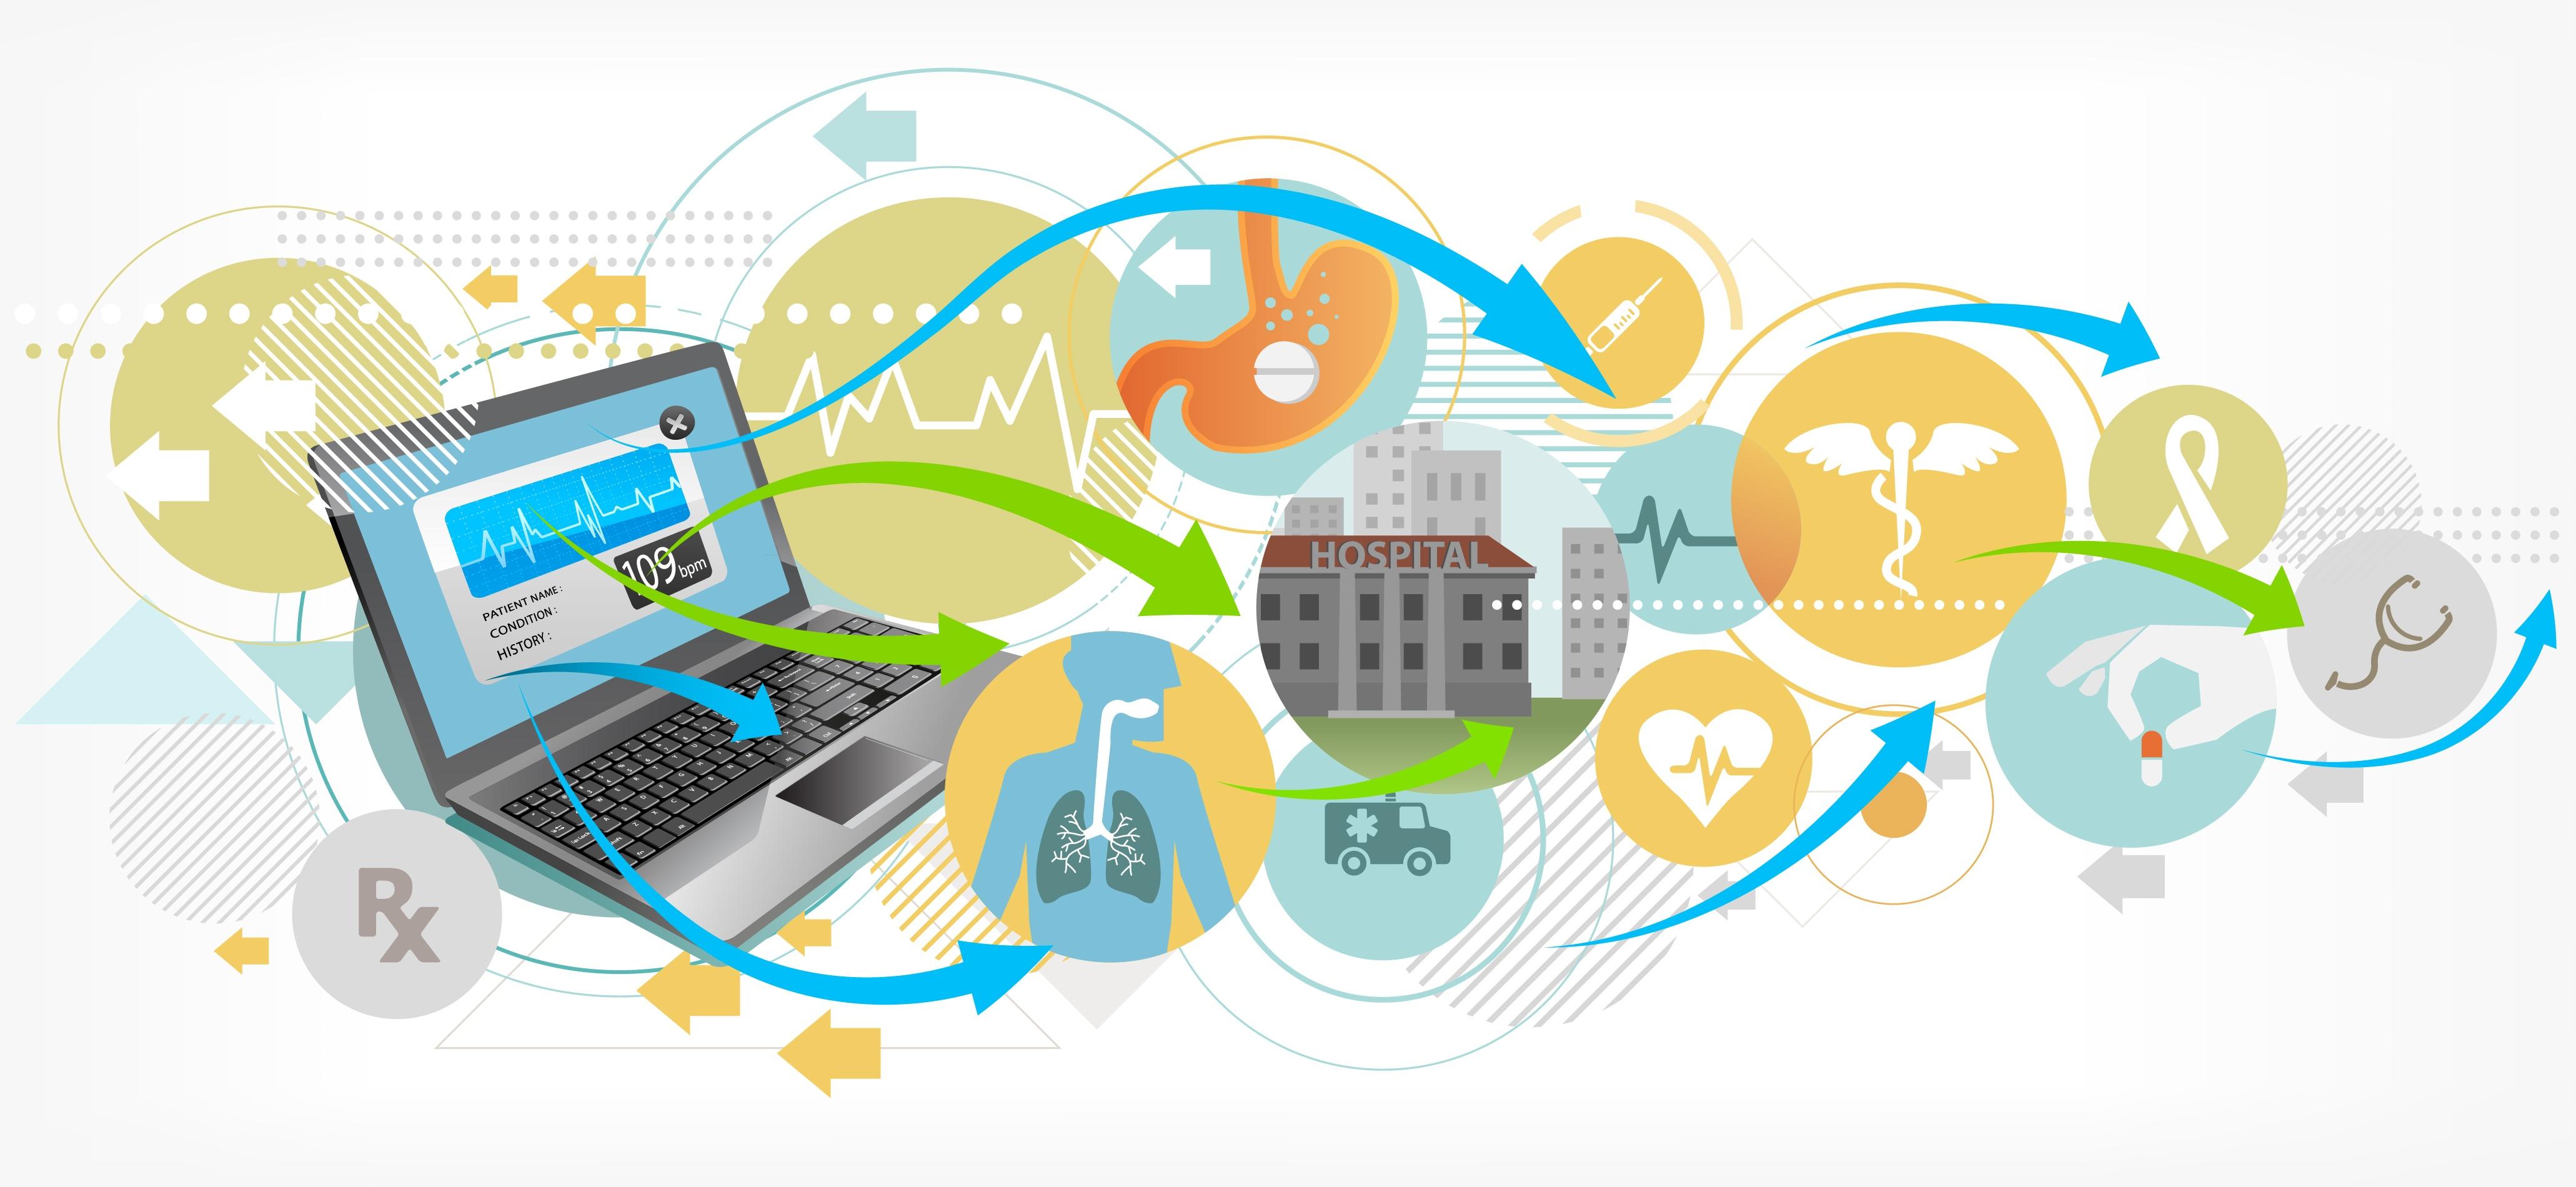 Healthcare_Industry-7.jpg